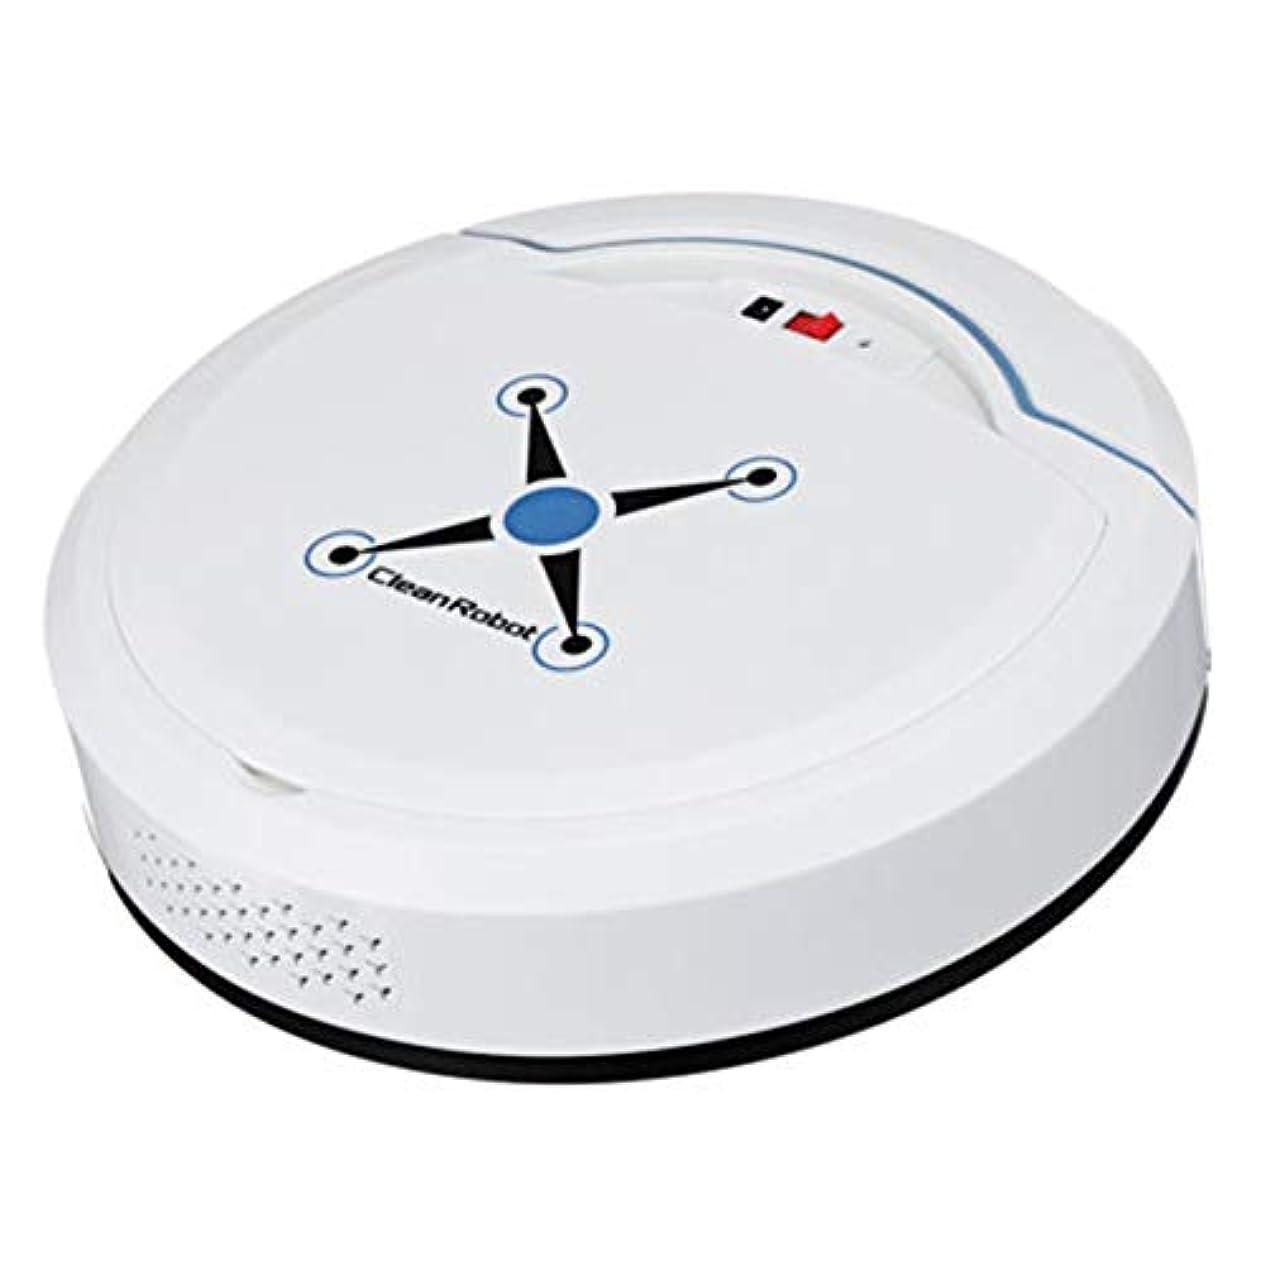 教養がある真剣にラバSaikogoods 充電式 自動清掃ロボット スマート掃くロボット 真空フロアクリーナー ホーム掃くマシン 白